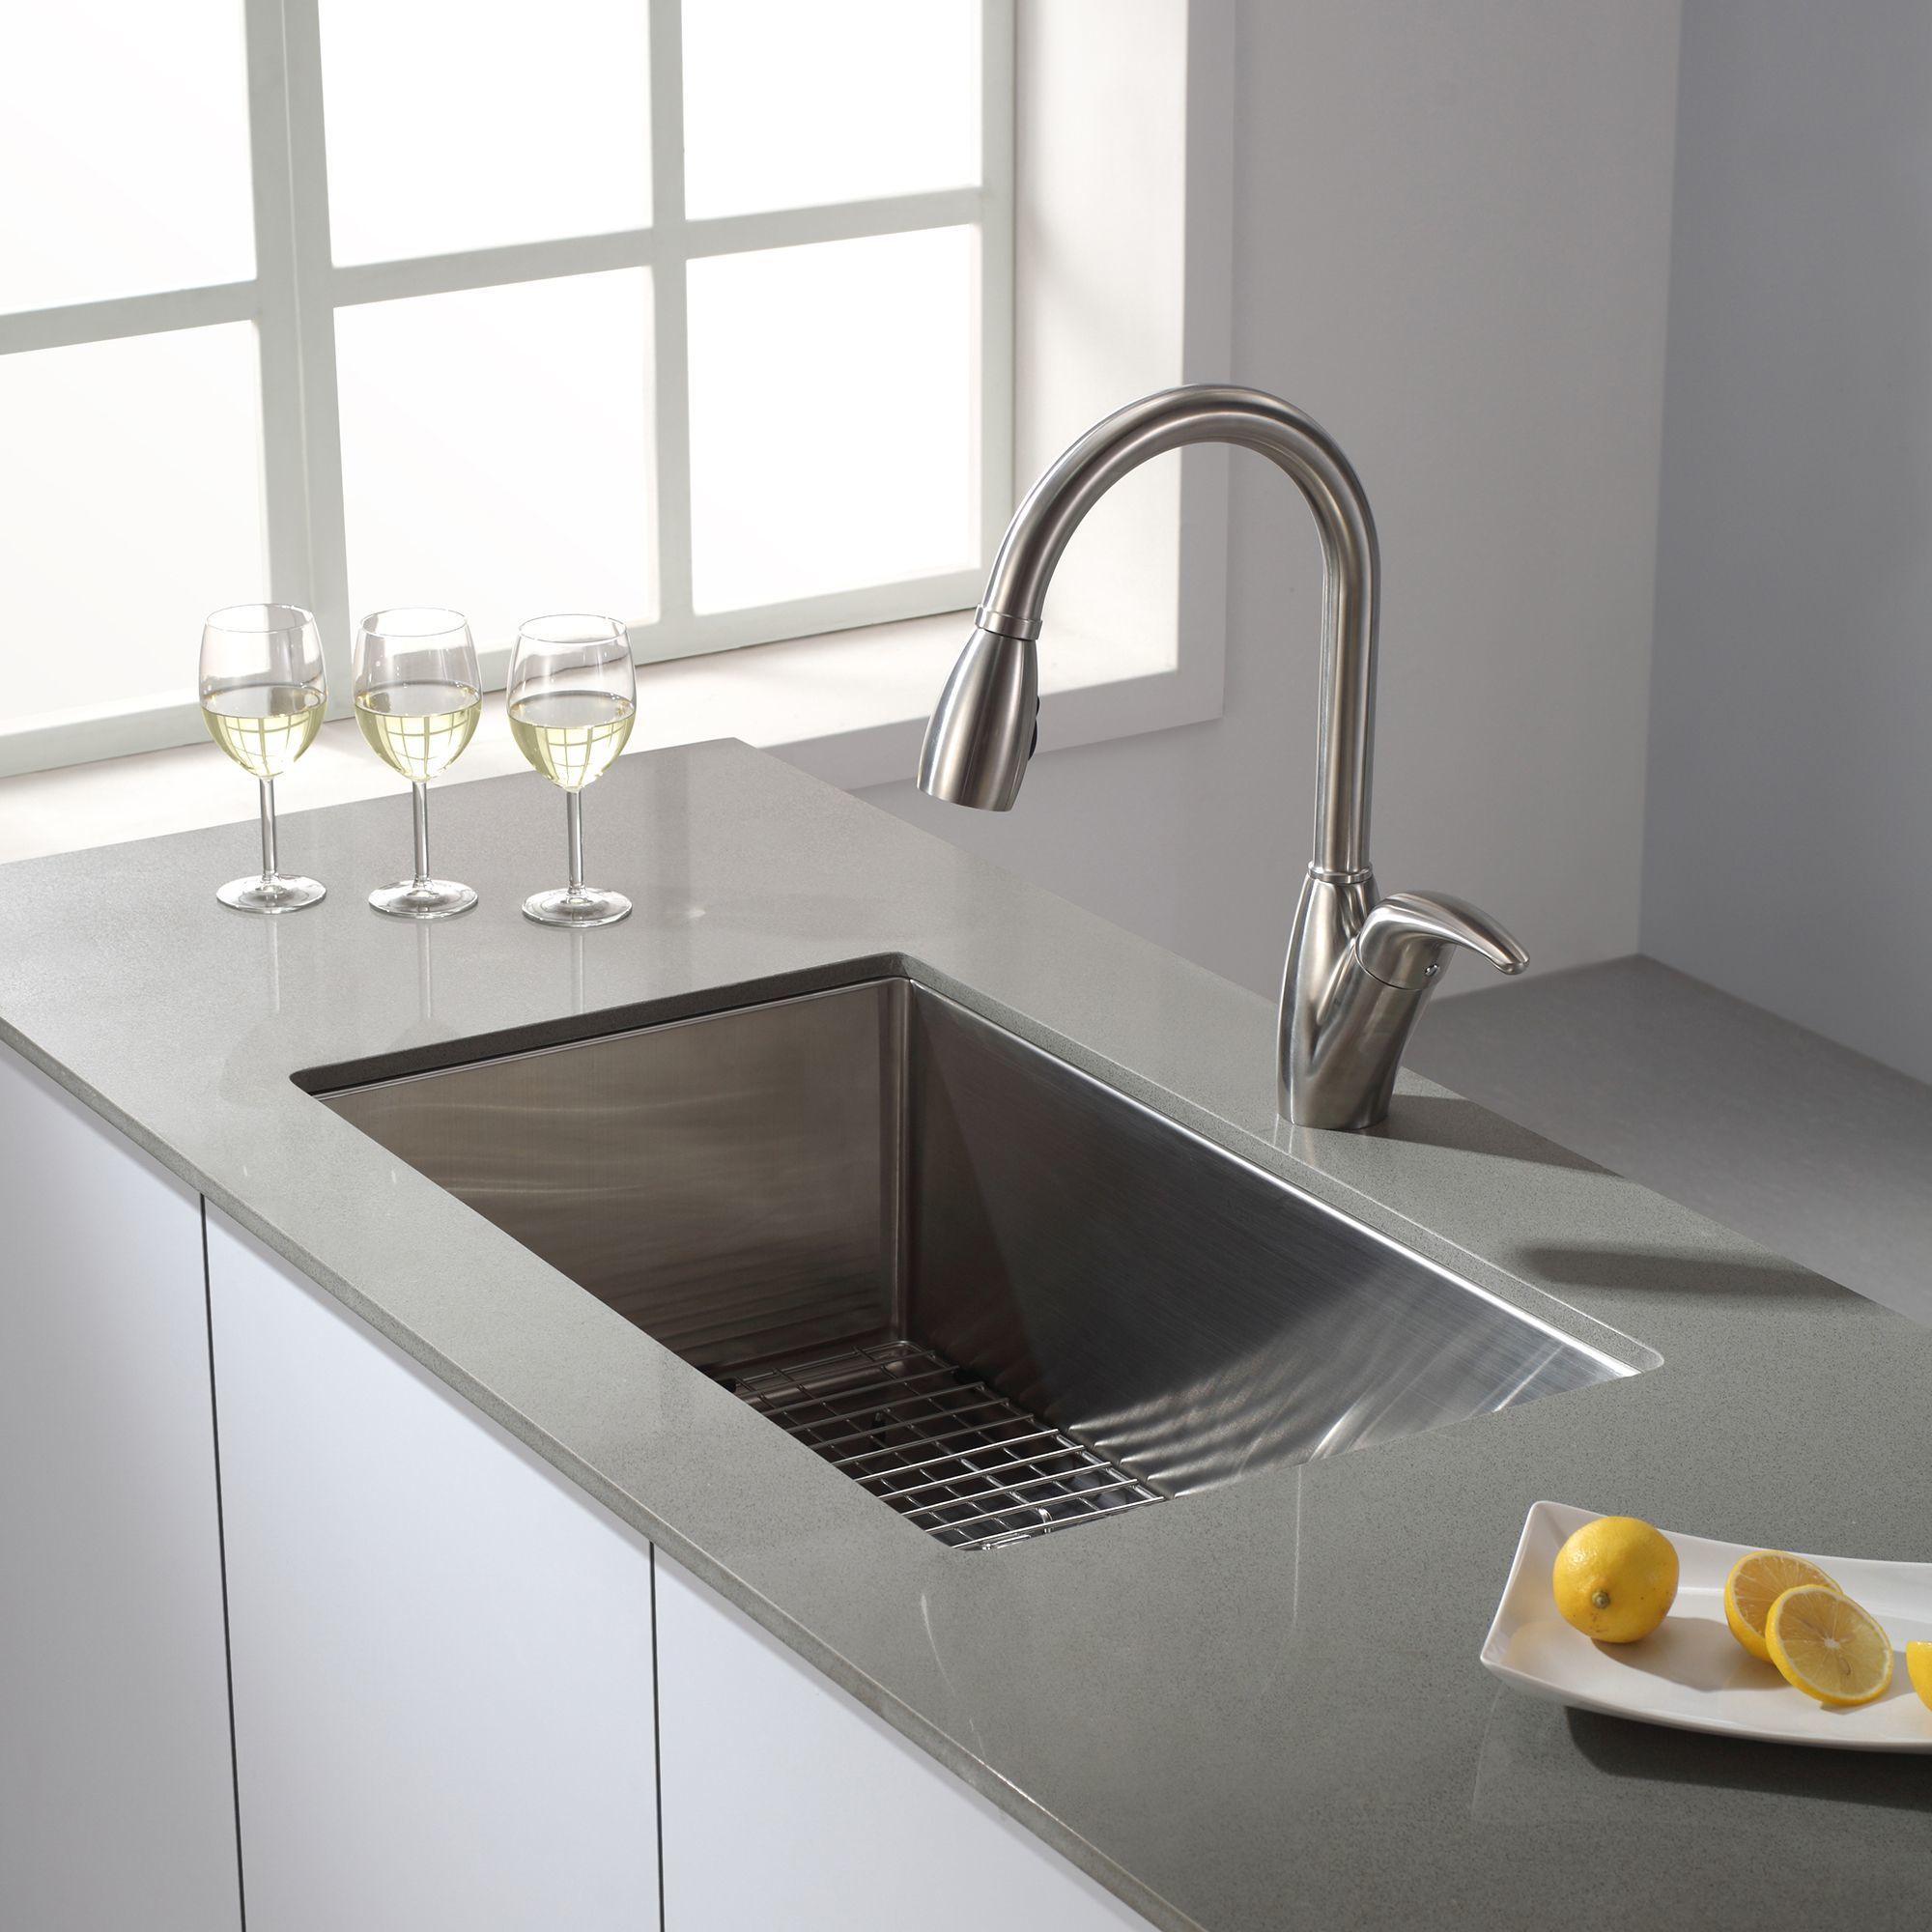 Kraus KHU100 30 Kitchen Sink Build